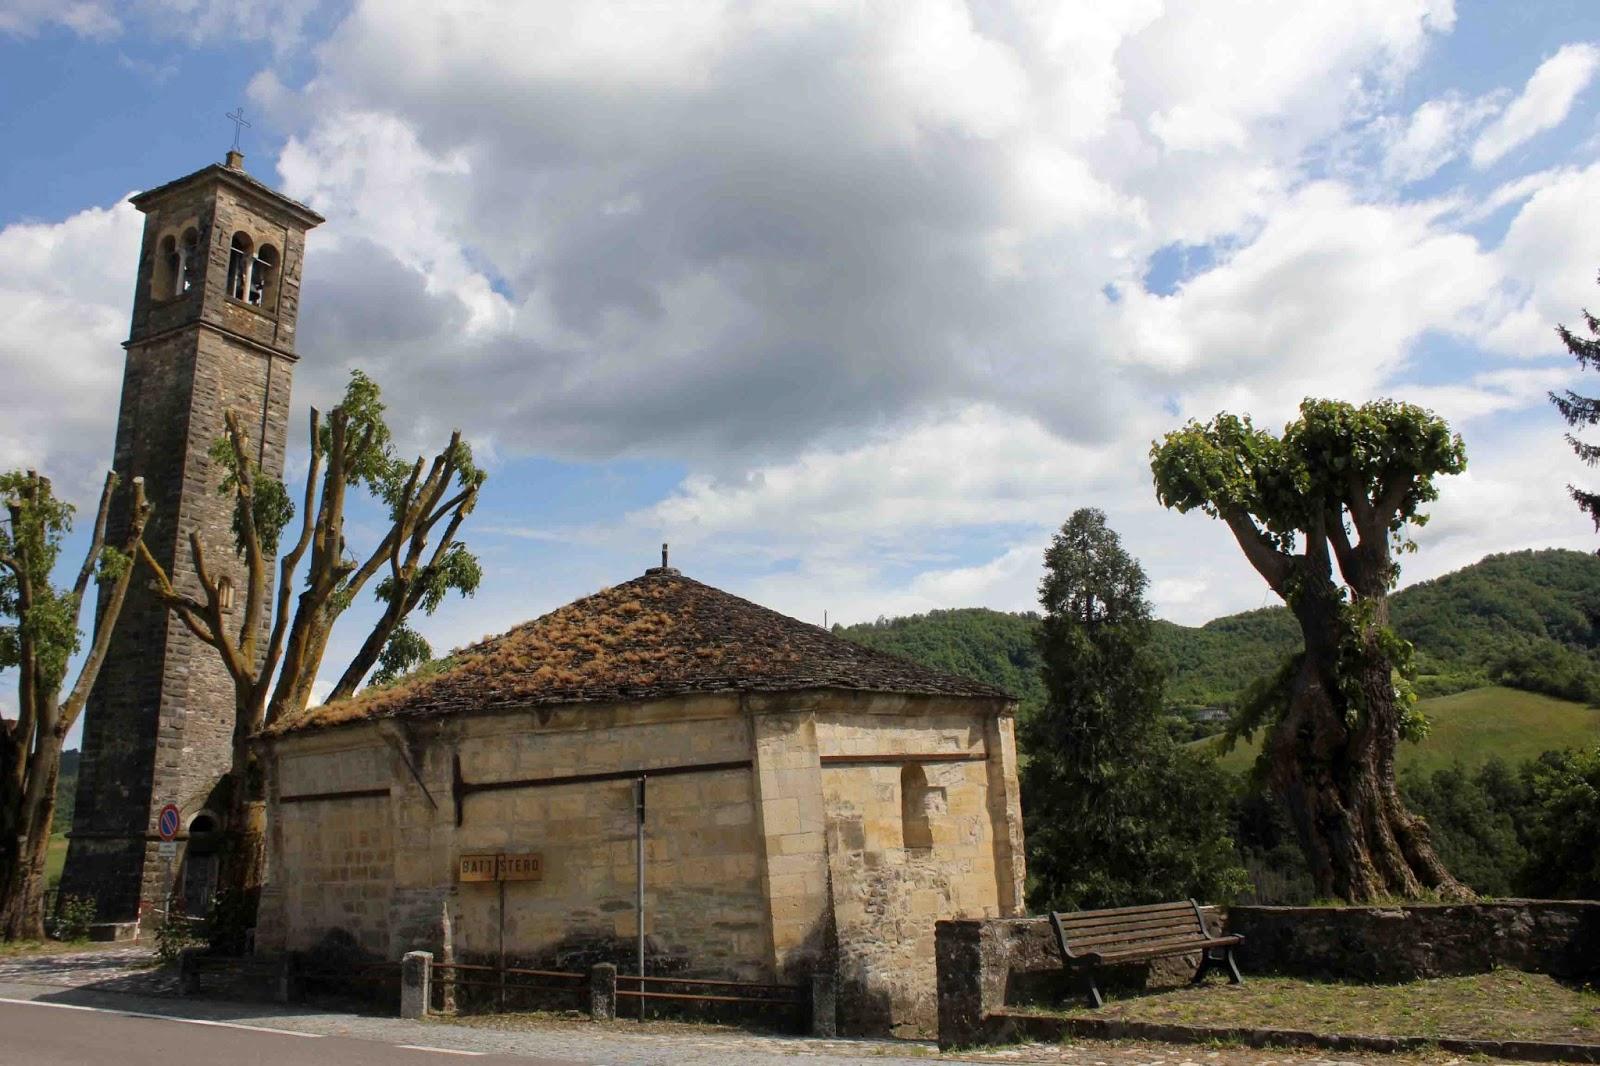 Pieve di Serravalle